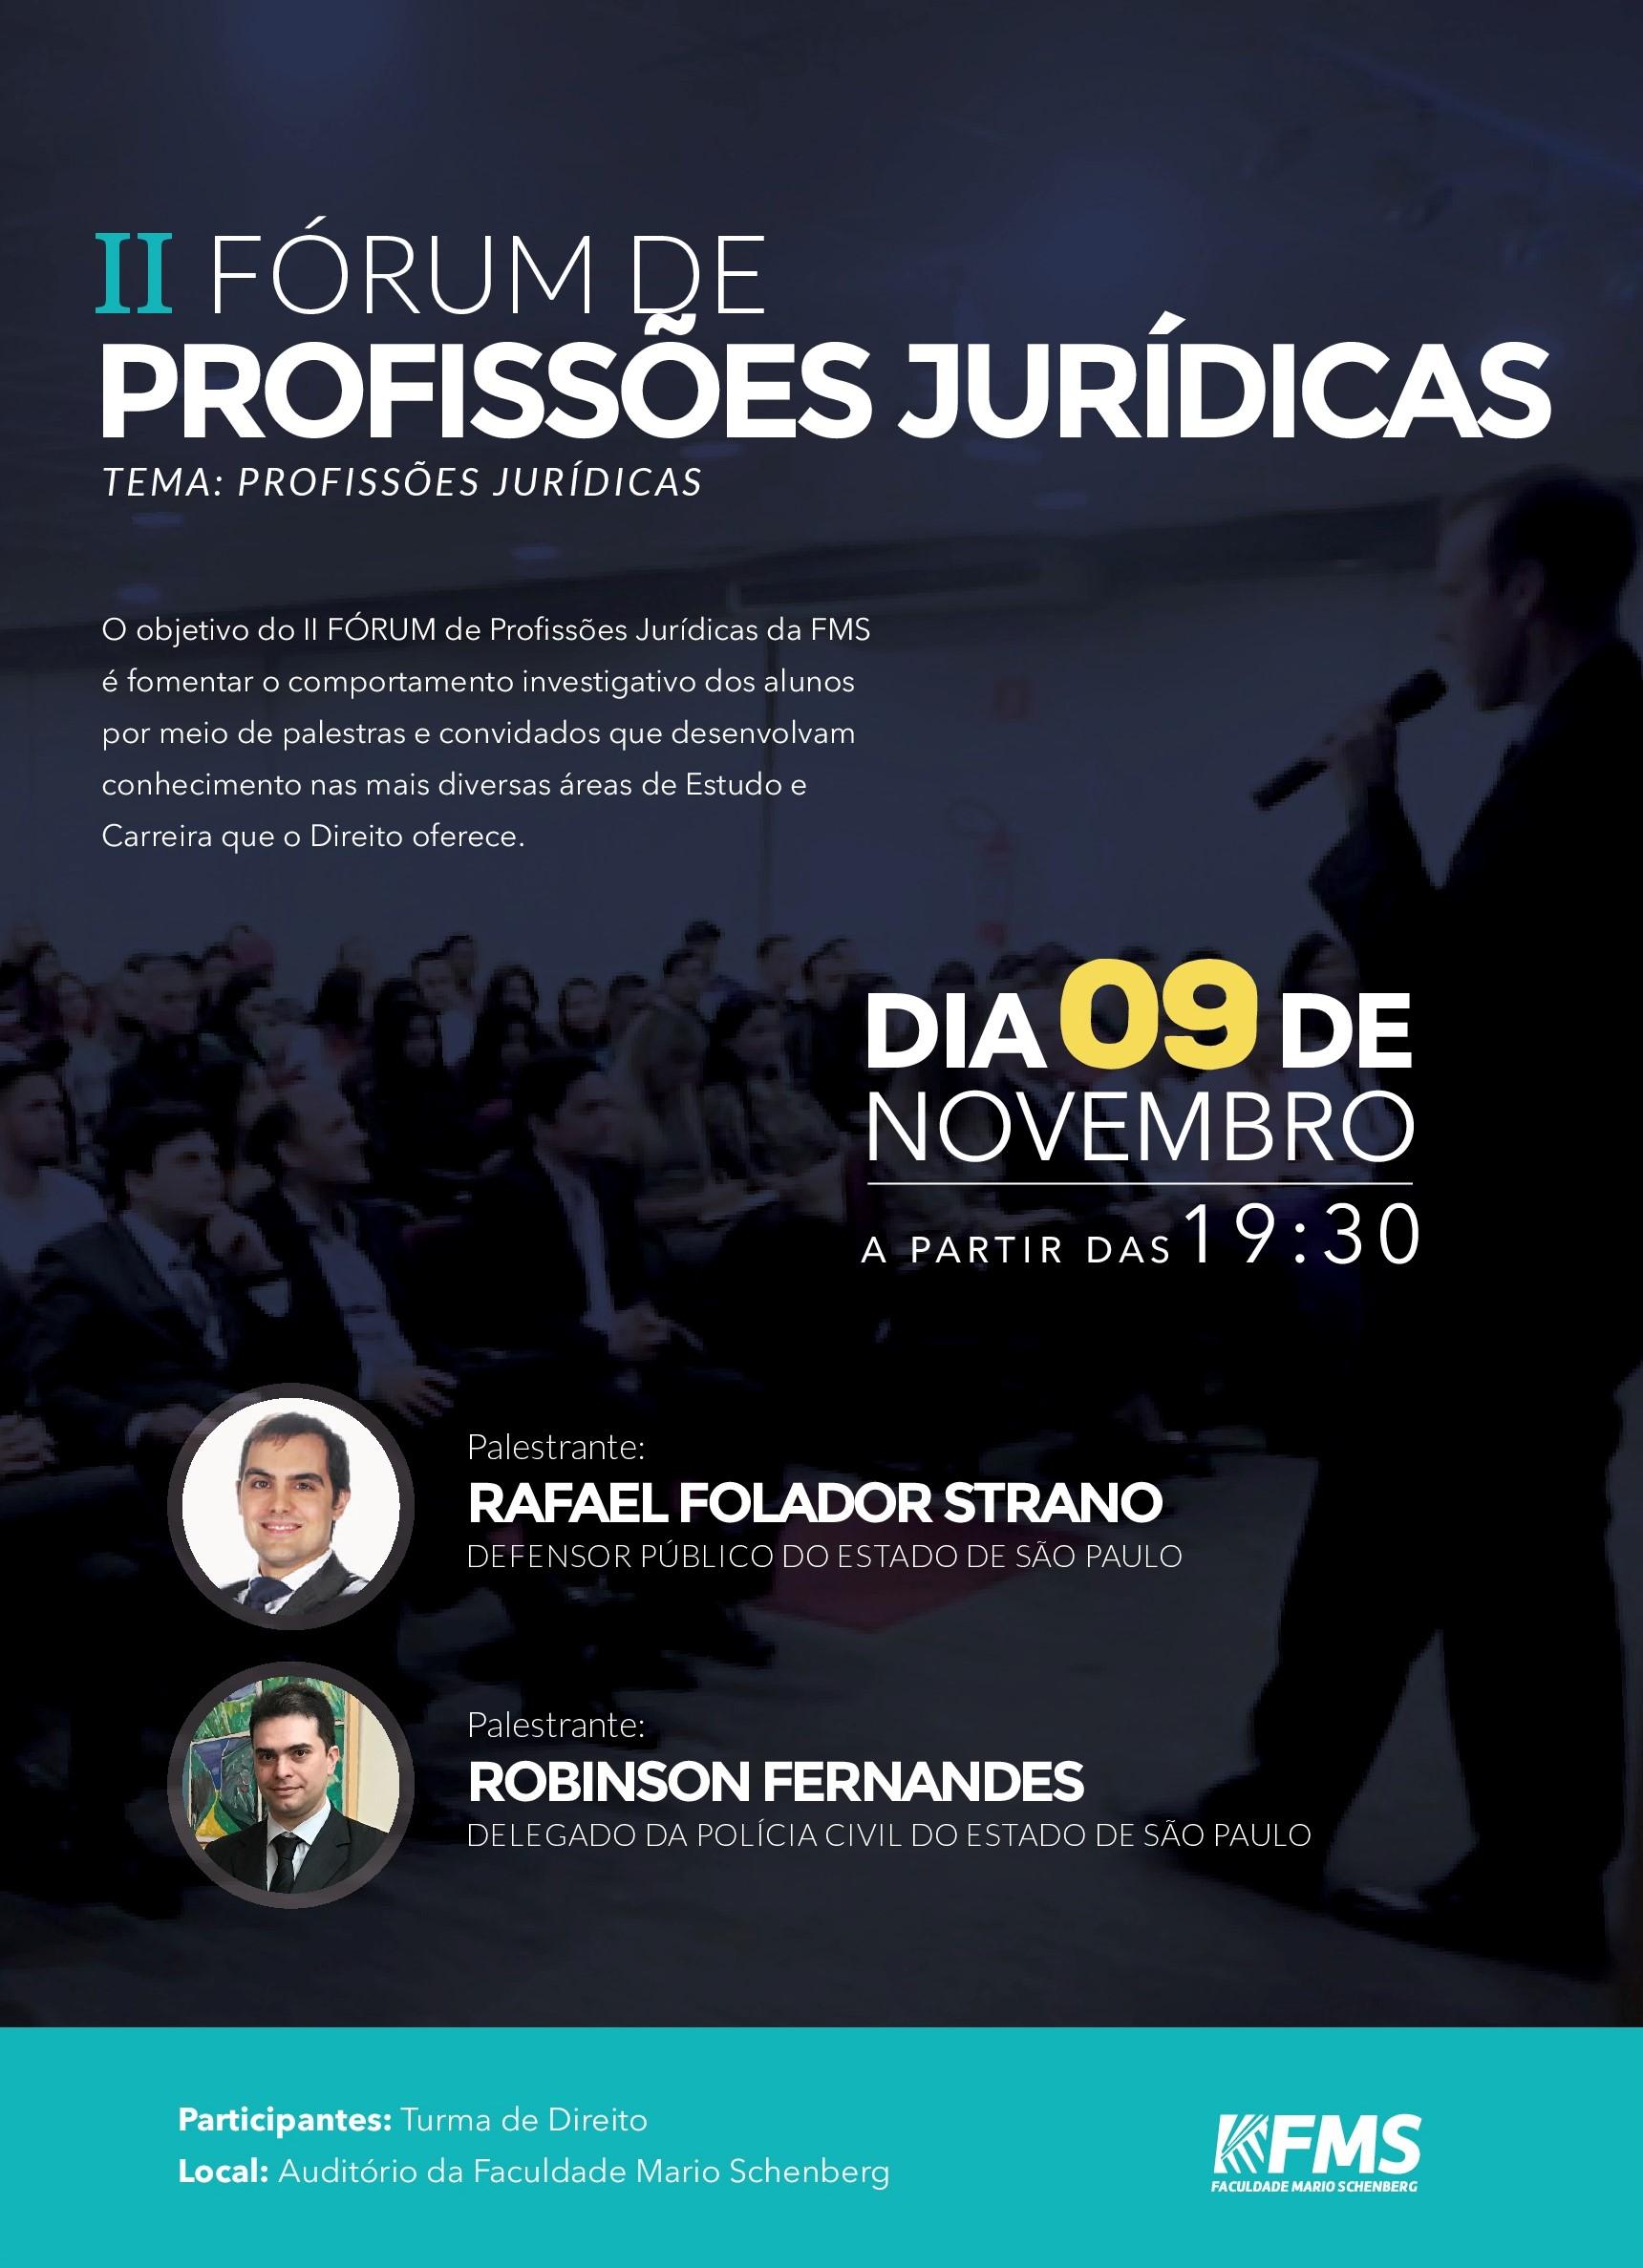 II FÓRUM DE PROFISSÕES JURÍDICAS DA FMS